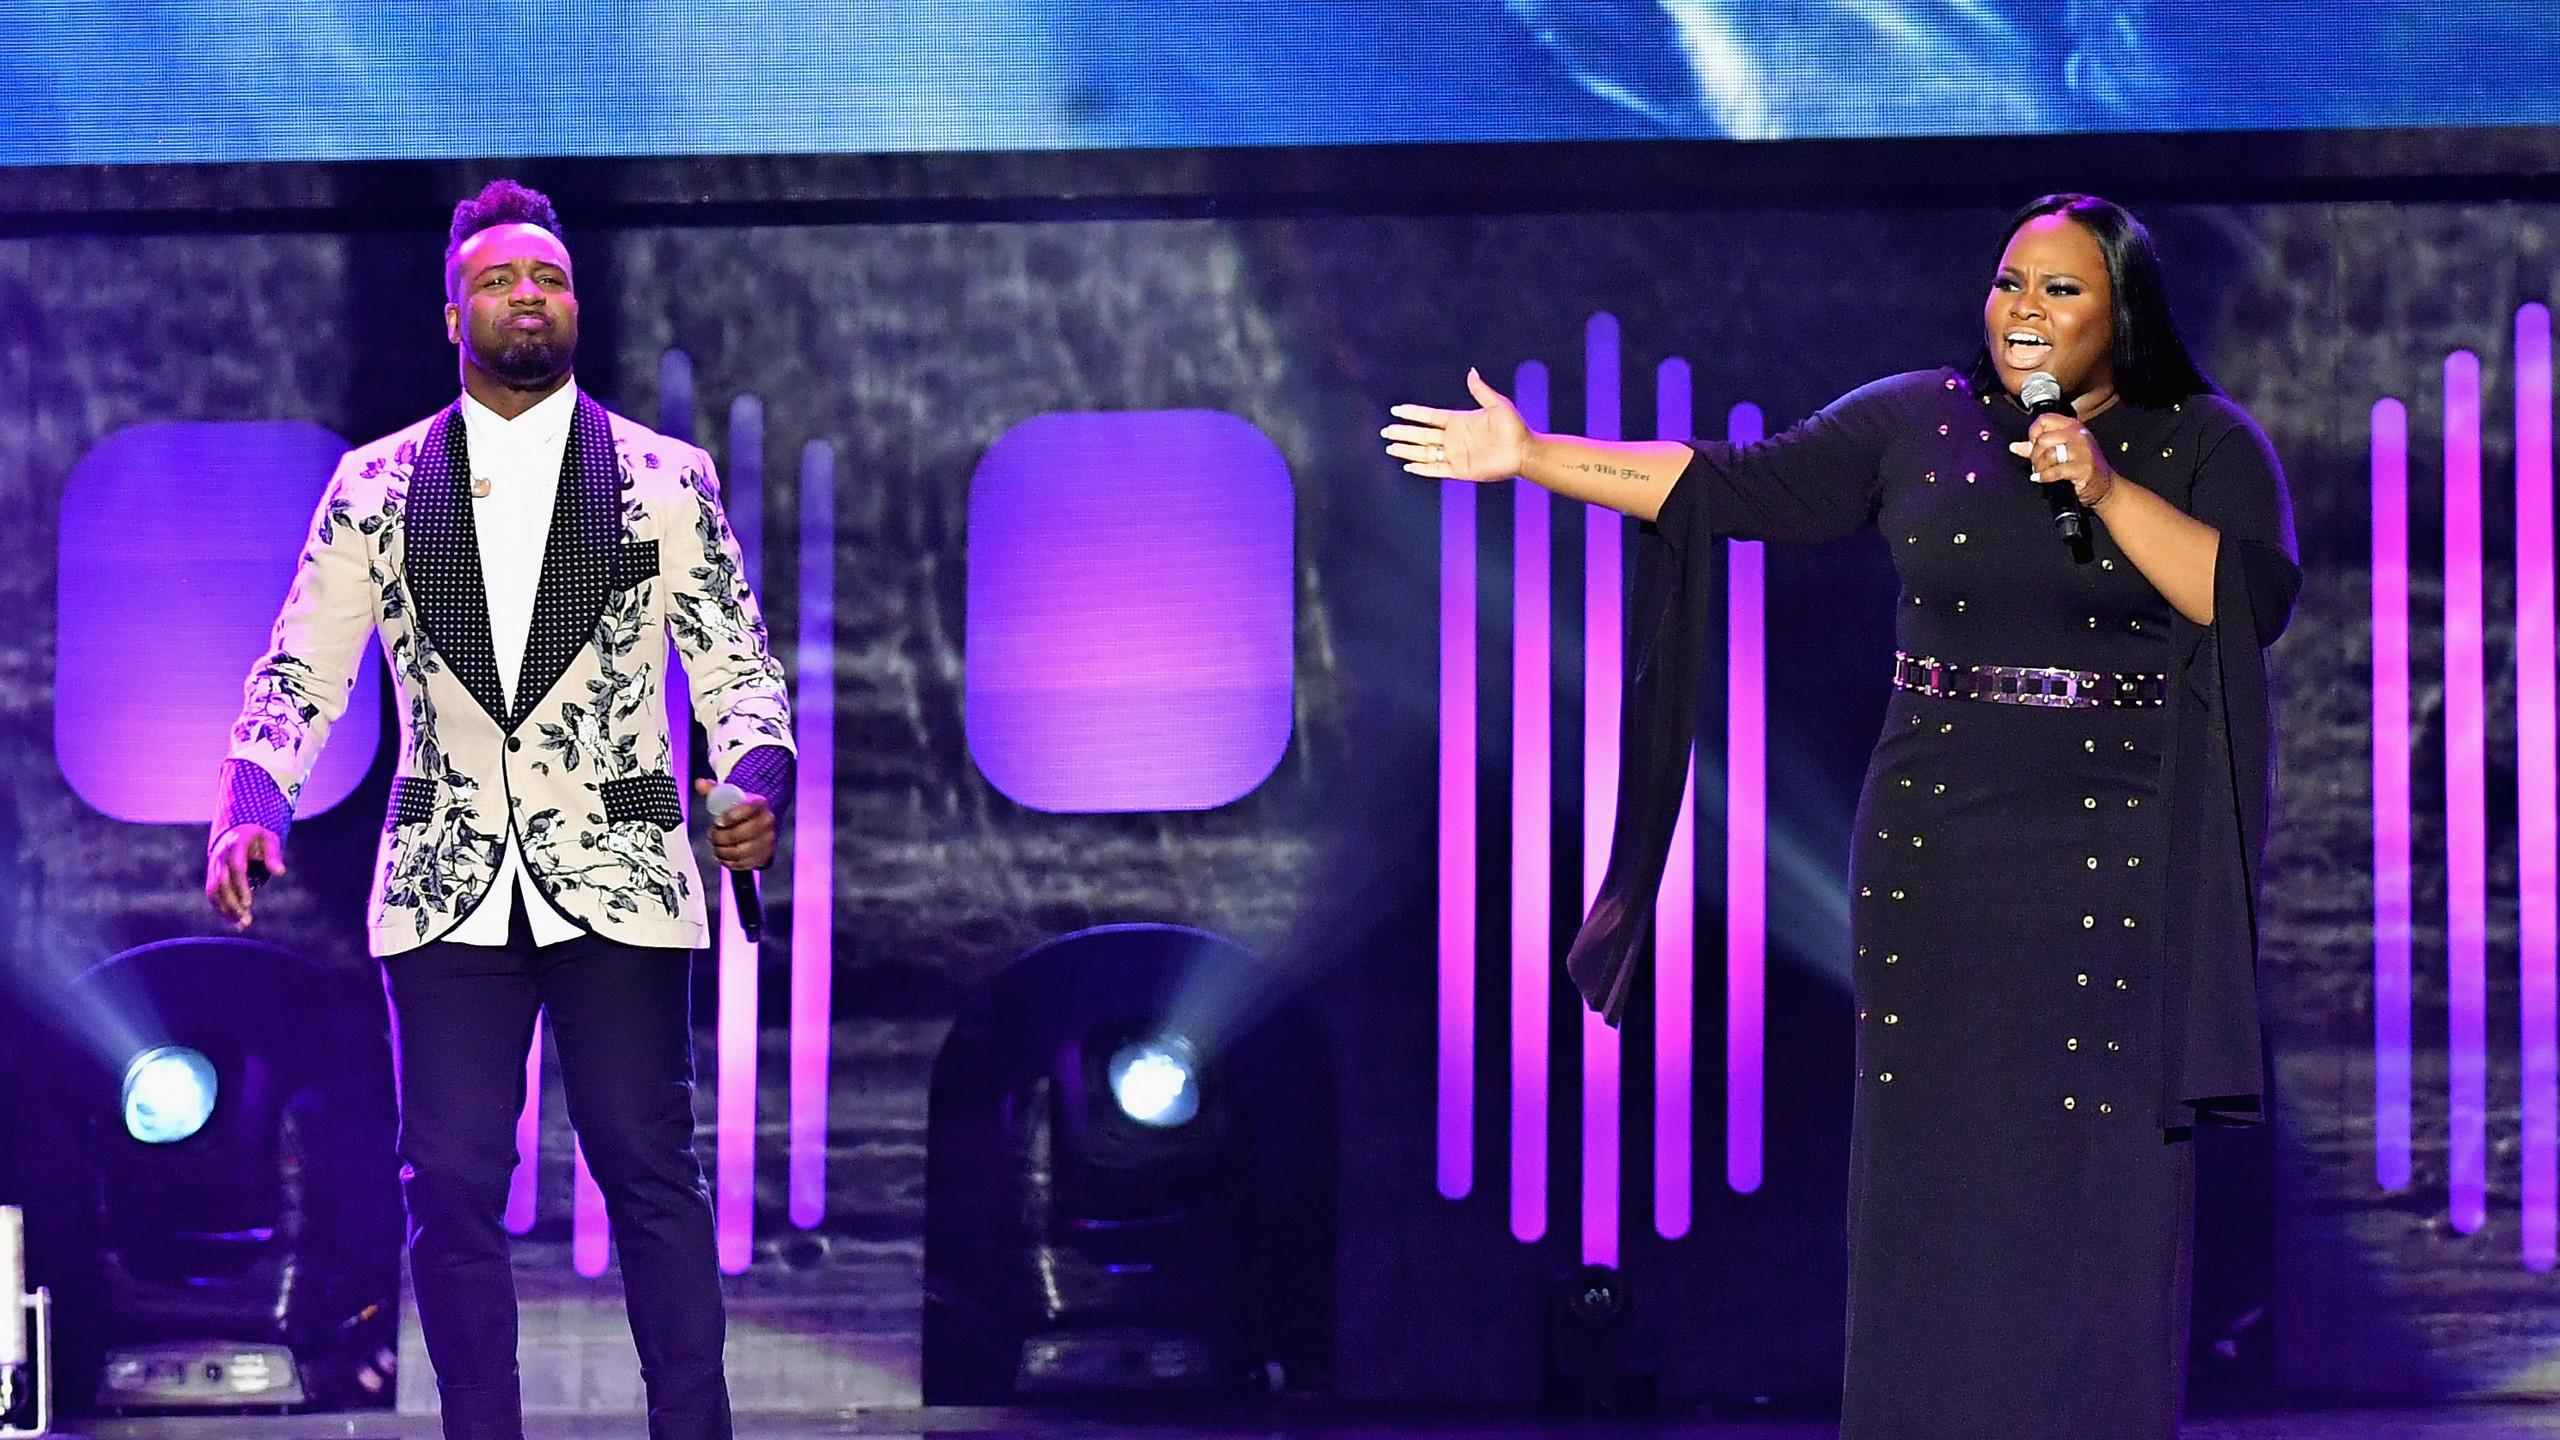 Vashawn Mitchell and Tasha Cobbs Leonard sing